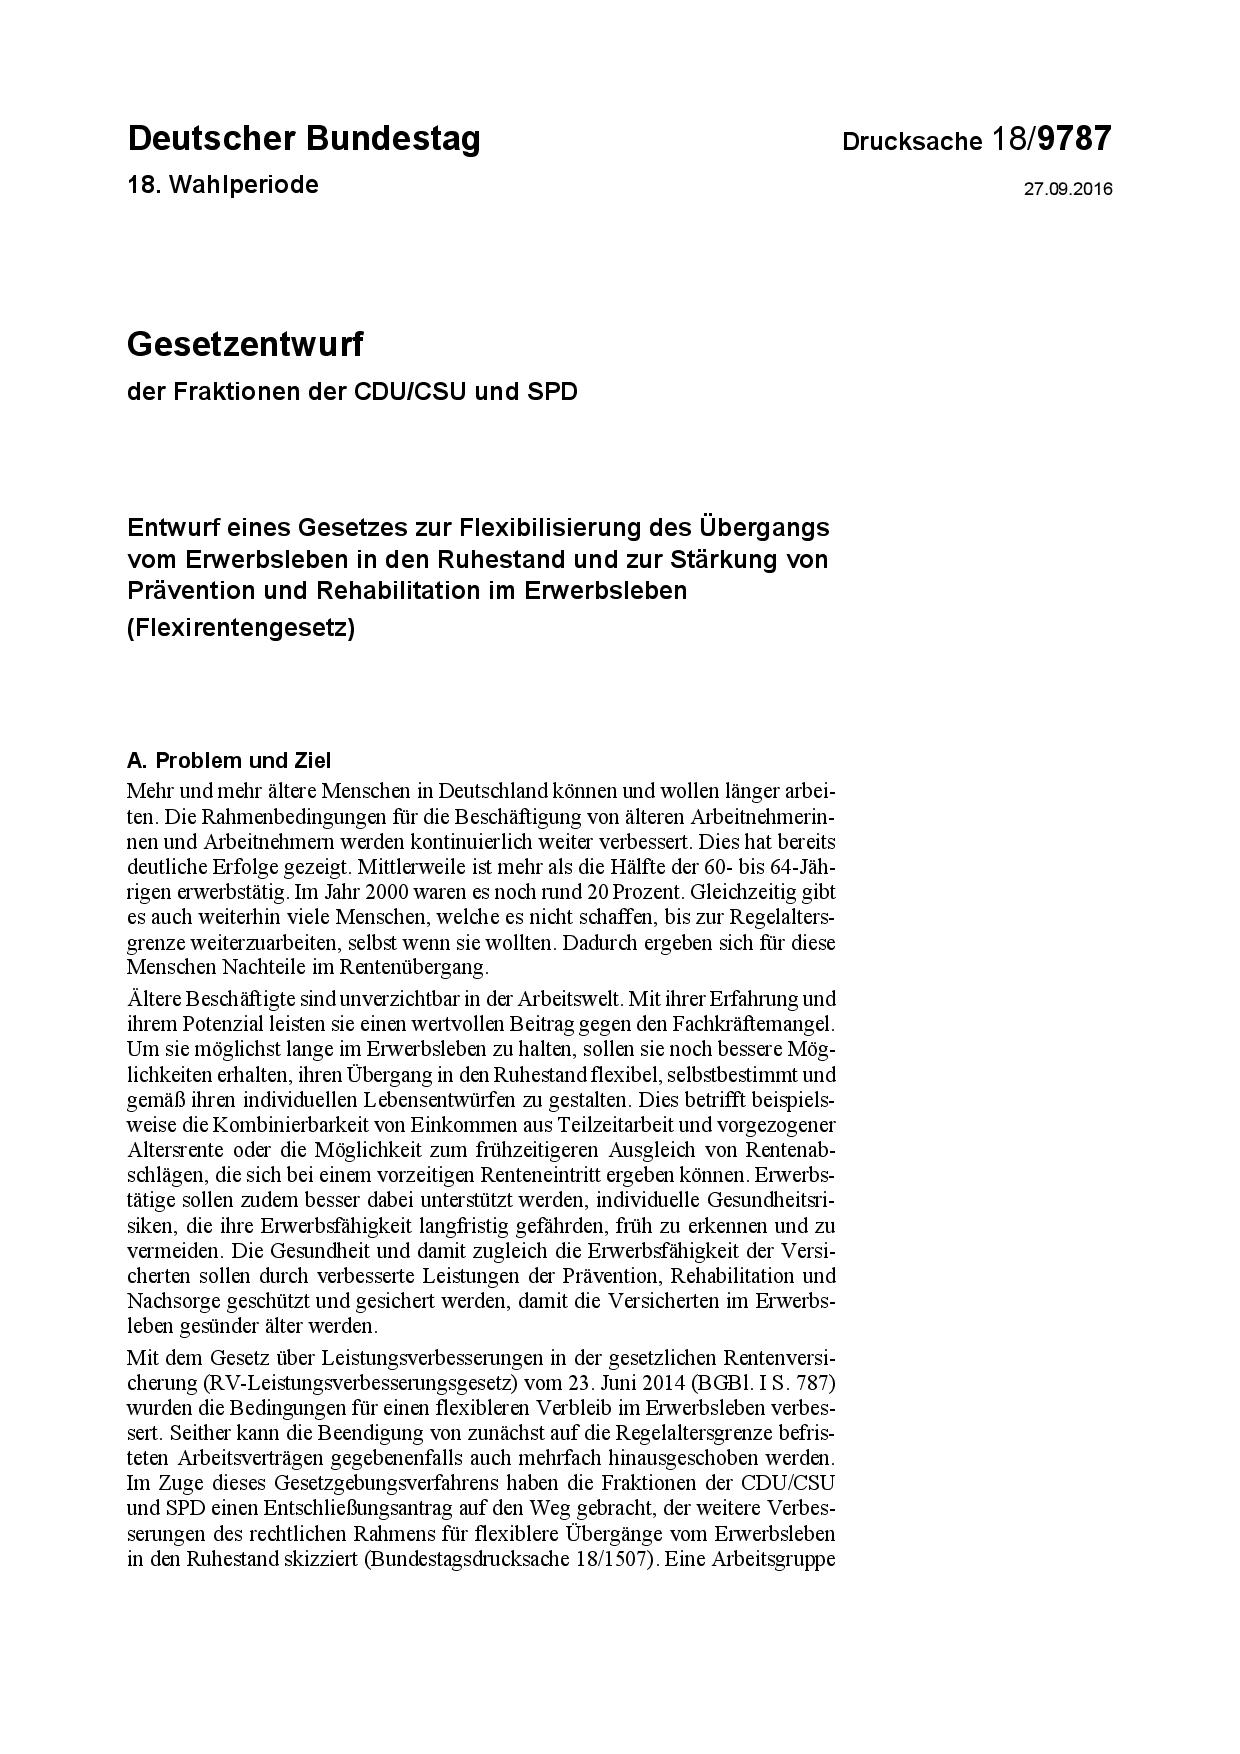 Entwurf eines Gesetzes zur Flexibilisierung des Übergangs vom Erwerbsleben in den Ruhestand und zur Stärkung von Prävention und Rehabilitation im Erwerbsleben (Flexirentengesetz)